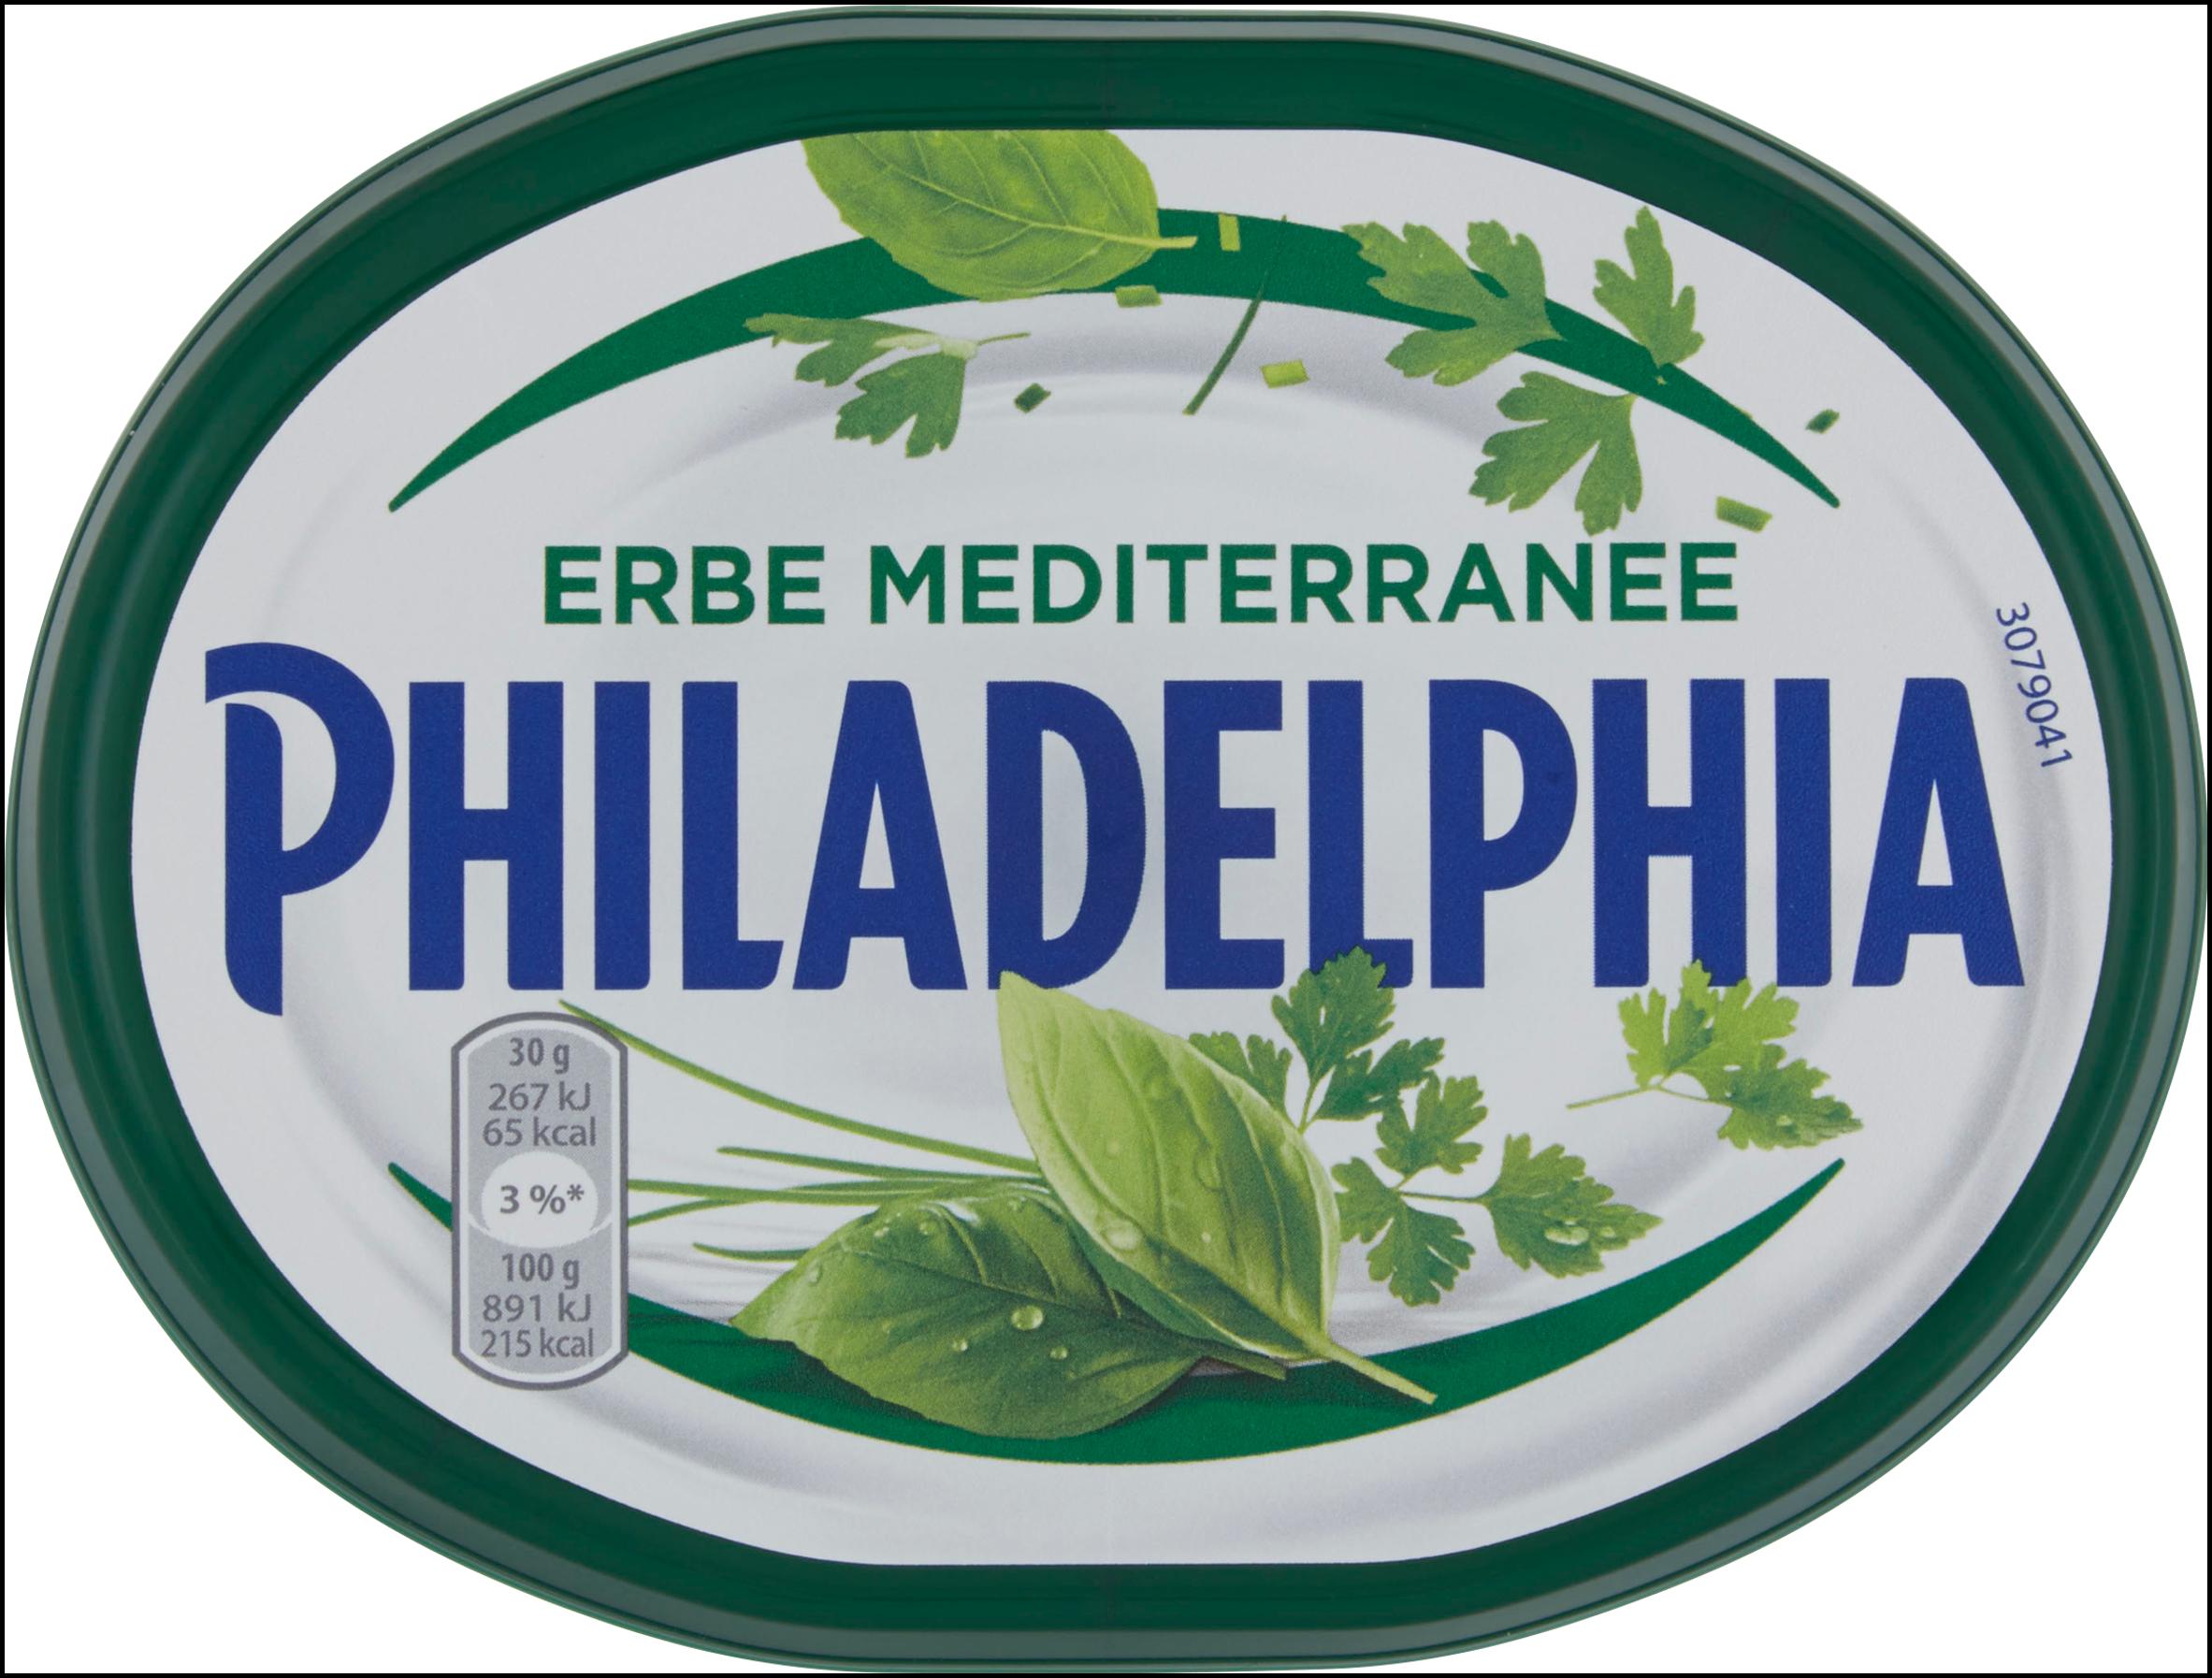 PHILADELPHIA ERBE MEDITERRANEE  150G